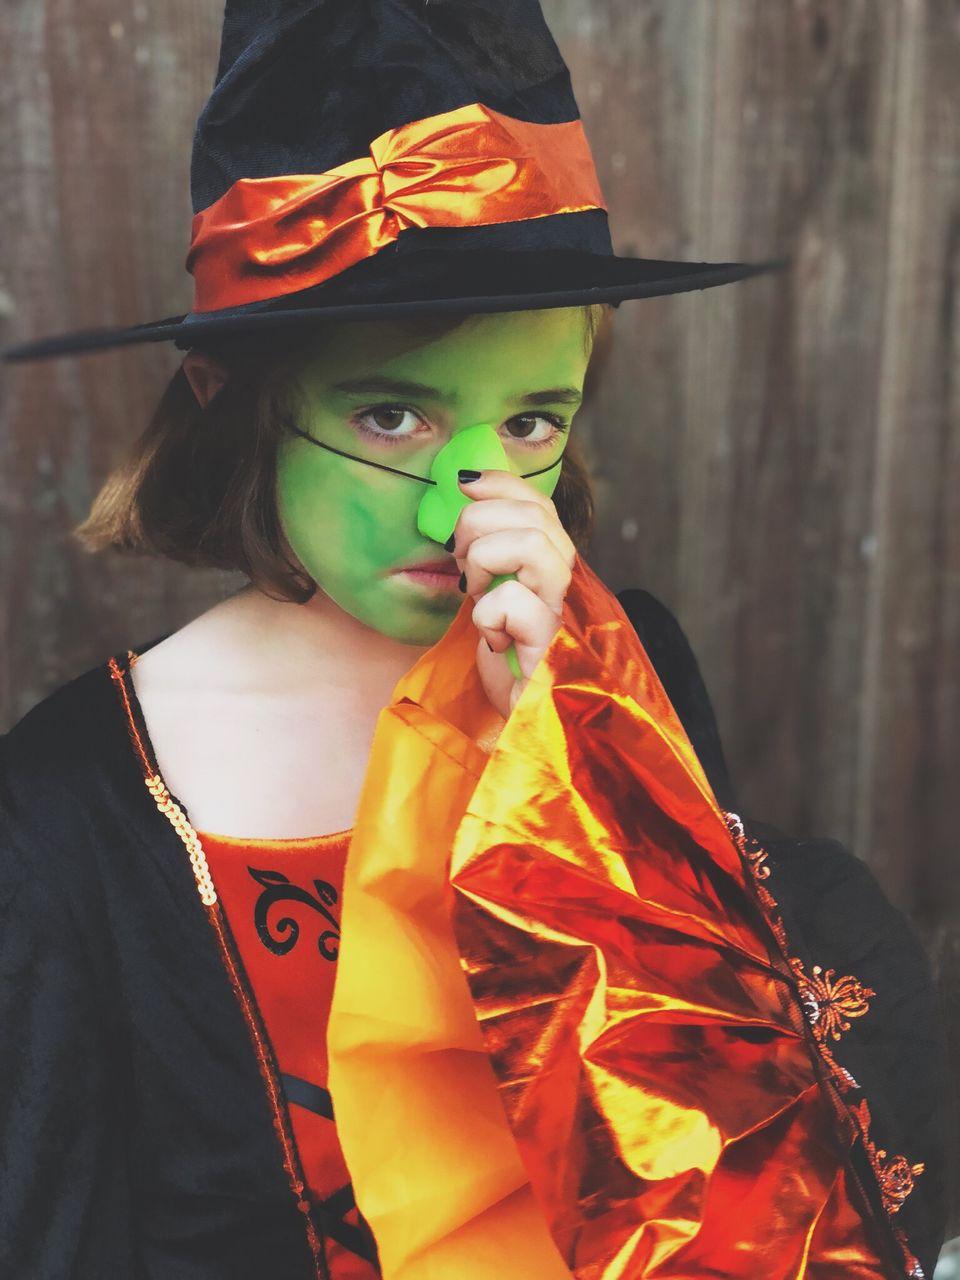 FULL LENGTH PORTRAIT OF GIRL WEARING HAT